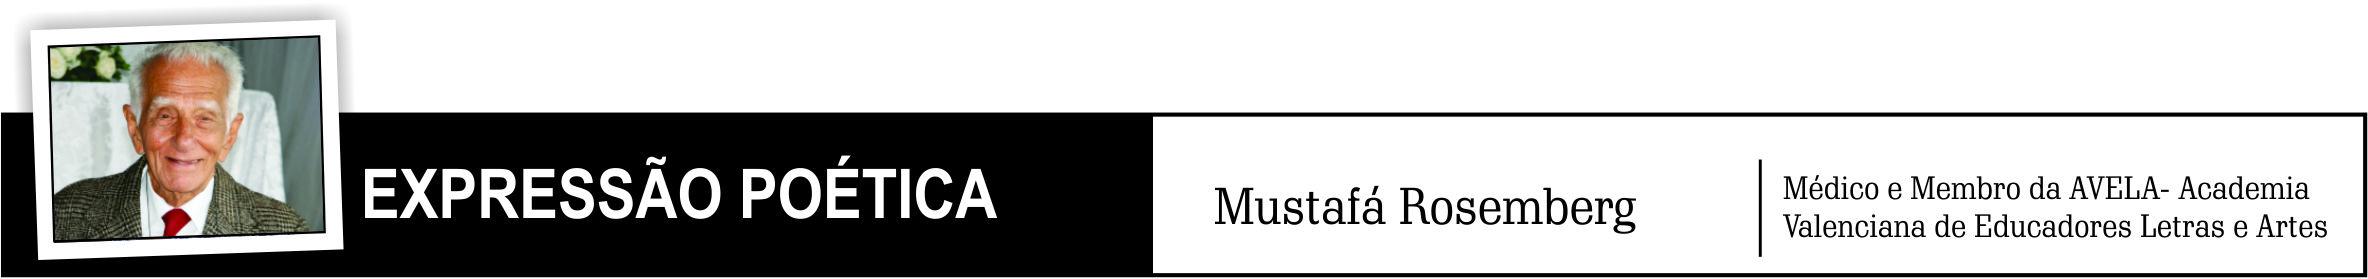 Mustafá Rosemberg-Expressão Poética